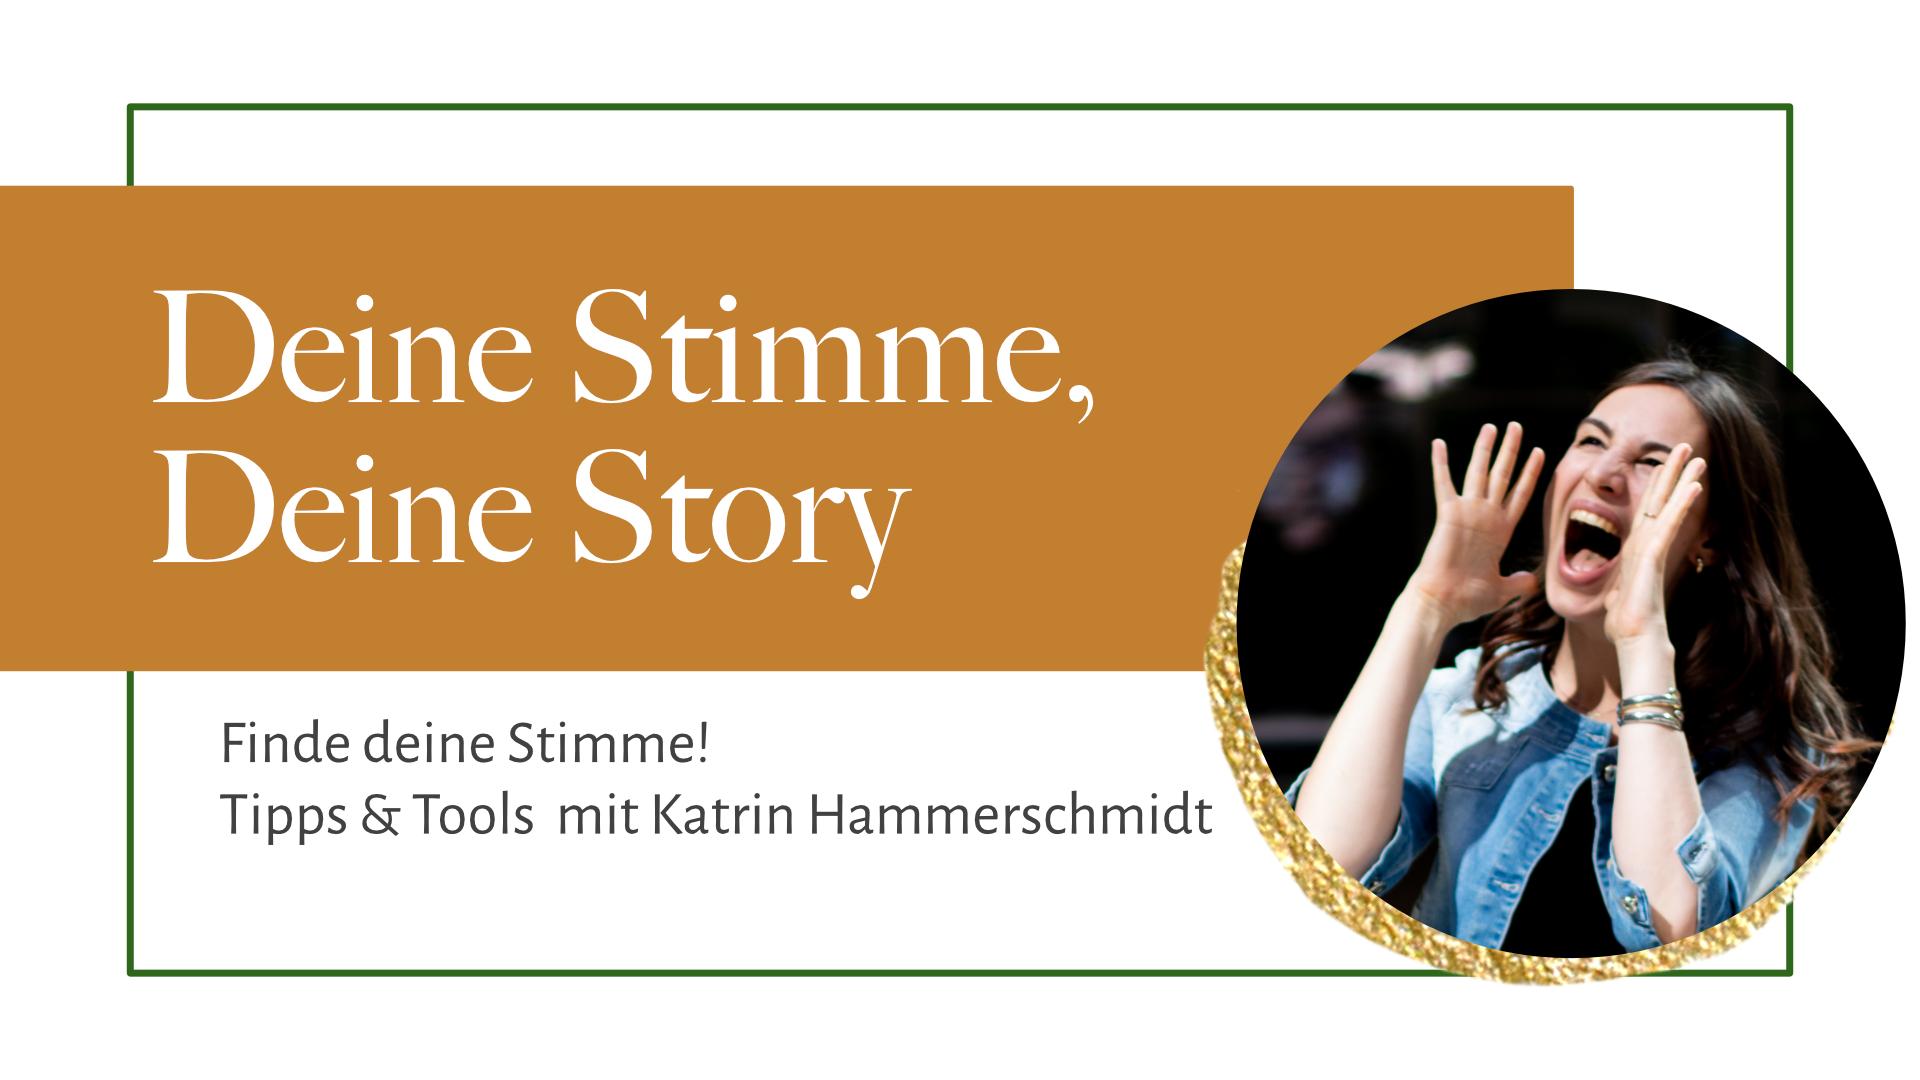 SPEAK UP! Deine Stimme, deine Story. Mit Katrin Hammerschmidt